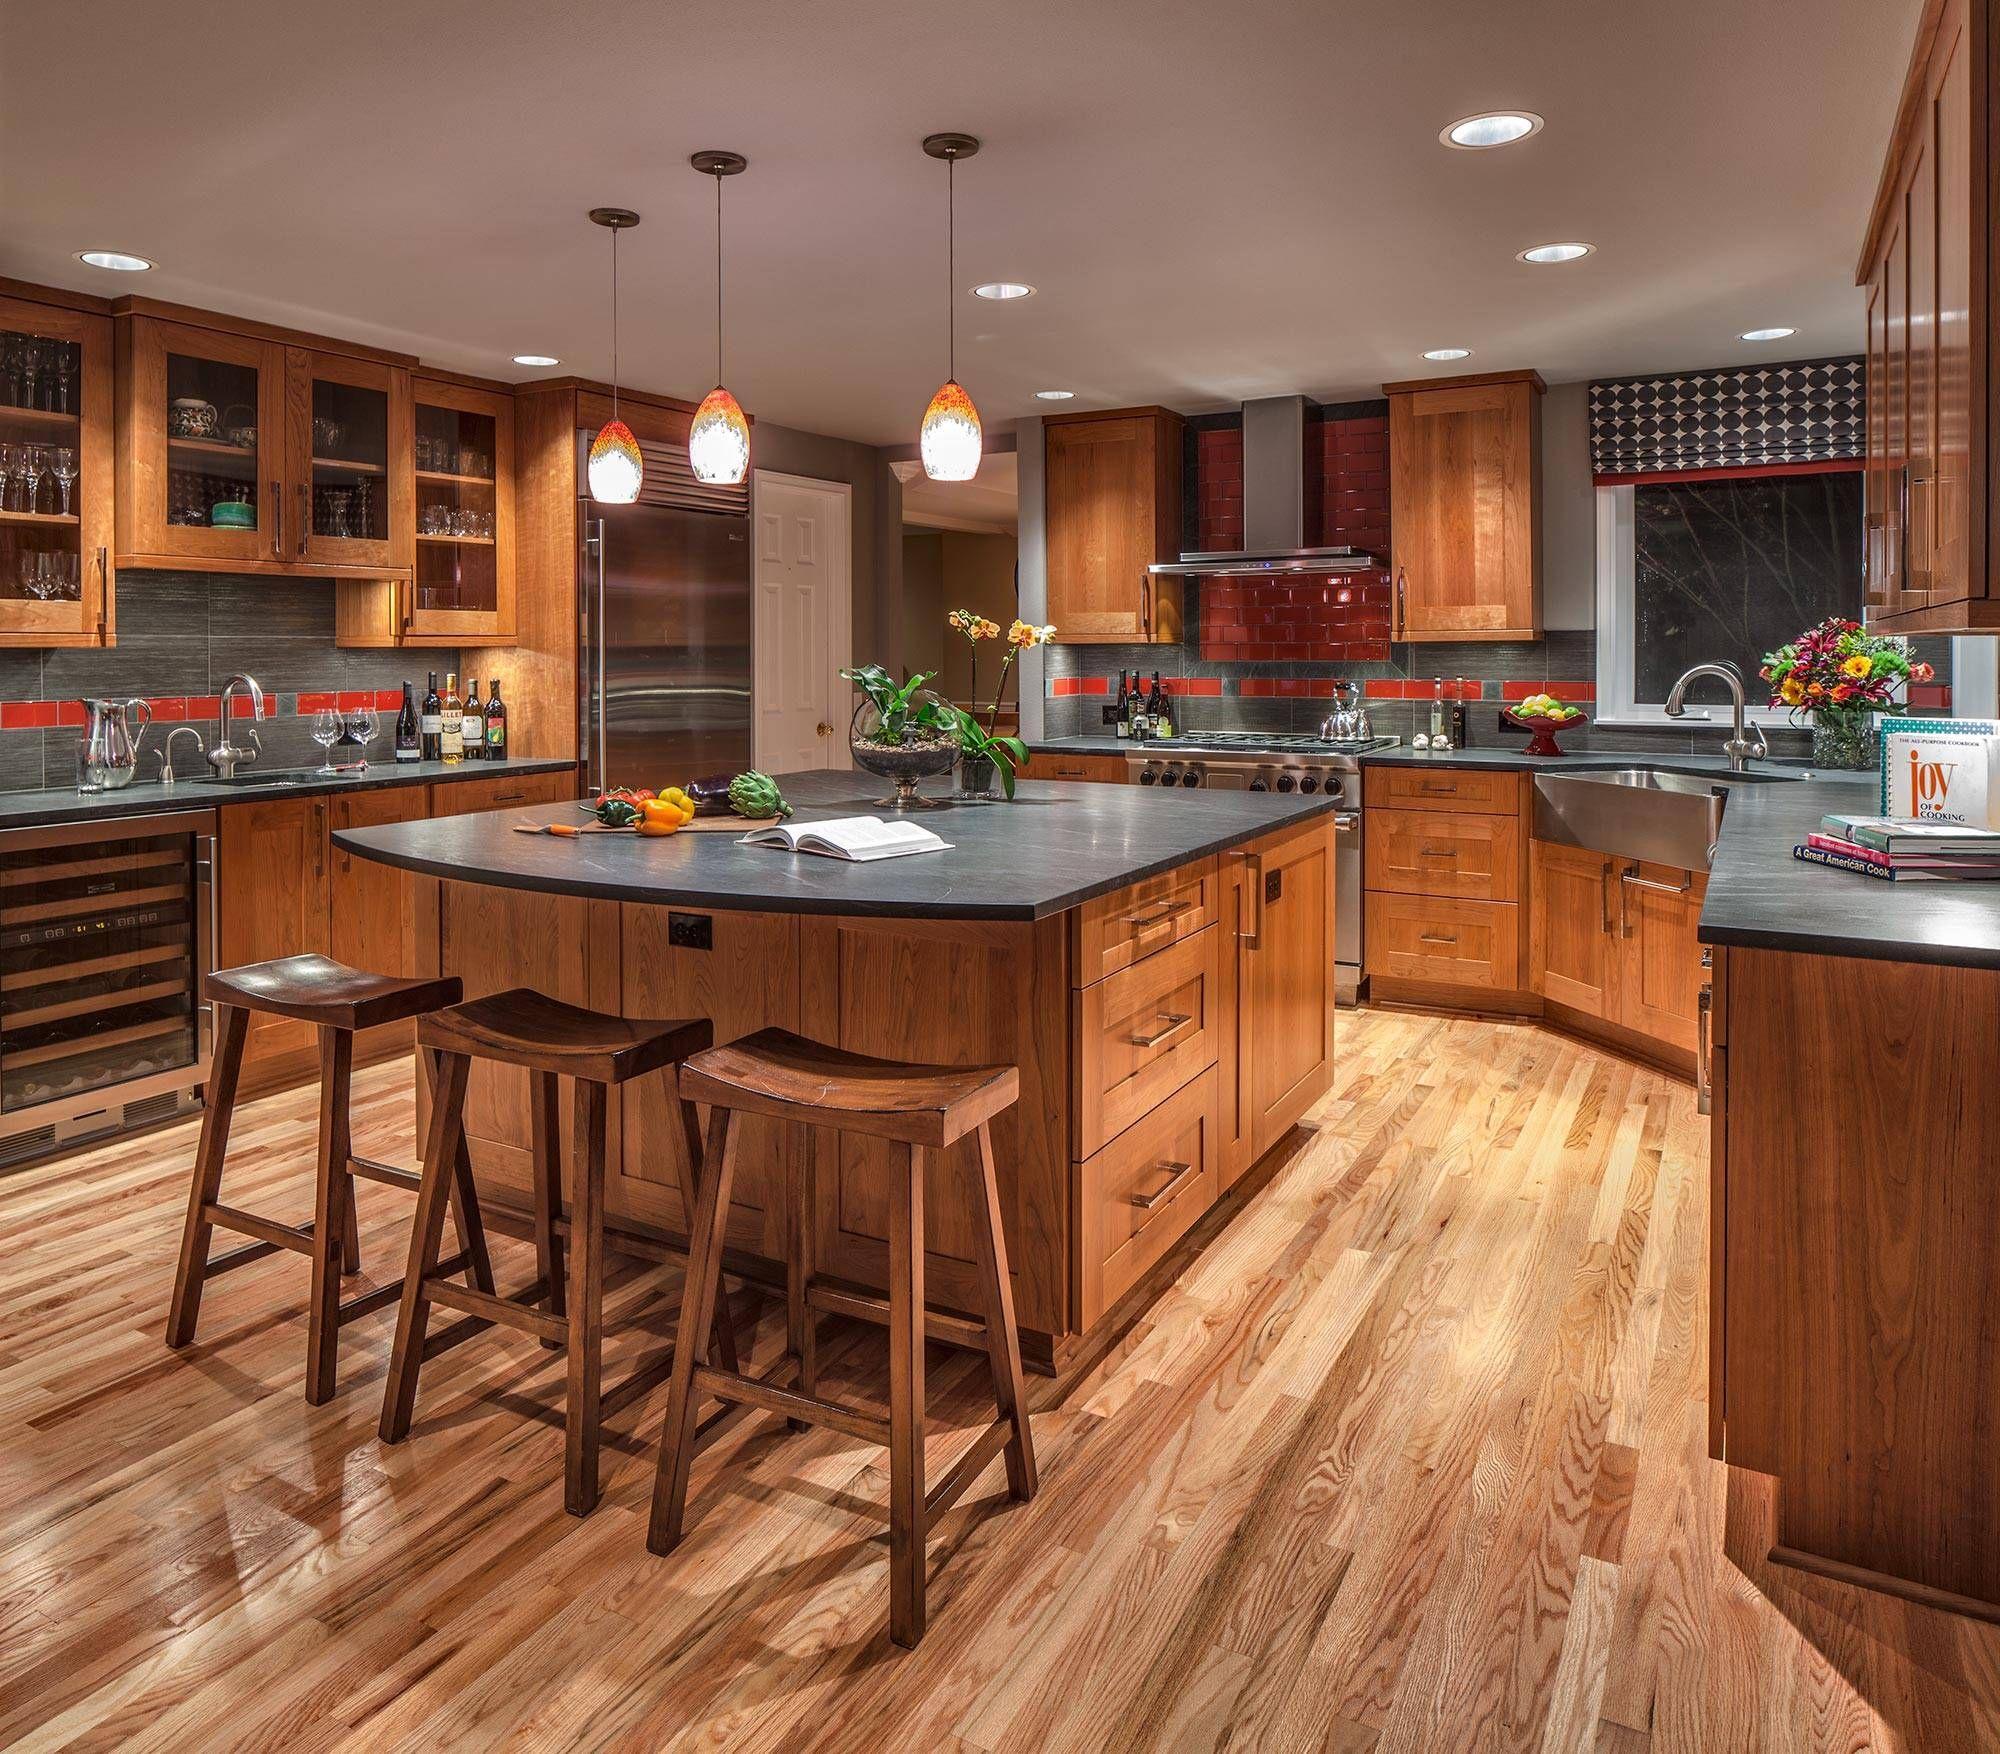 9 Impressive Kitchen Lighting Fixtures Photo Gallery – Home ...